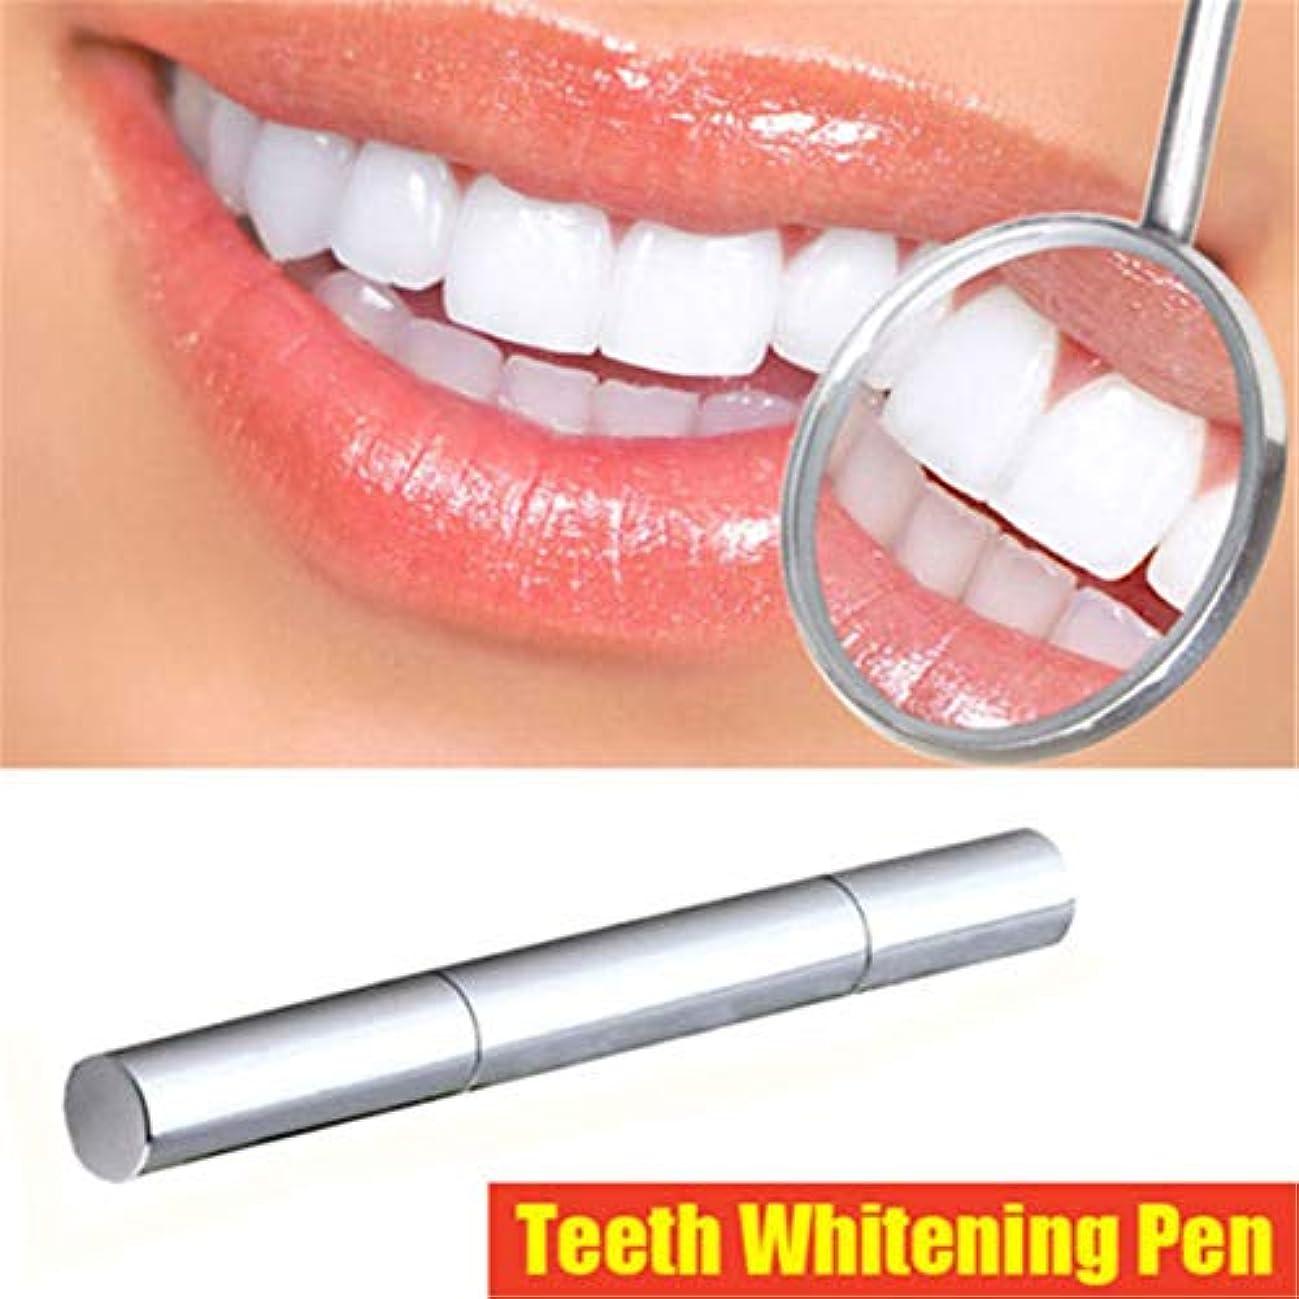 ホワイトニングペン  美白歯ゲル 歯ジェル 美白ゲル デンタルケア  携帯便利  歯の白い漂白剤 口腔洗浄ツール 口腔衛生 口臭防止